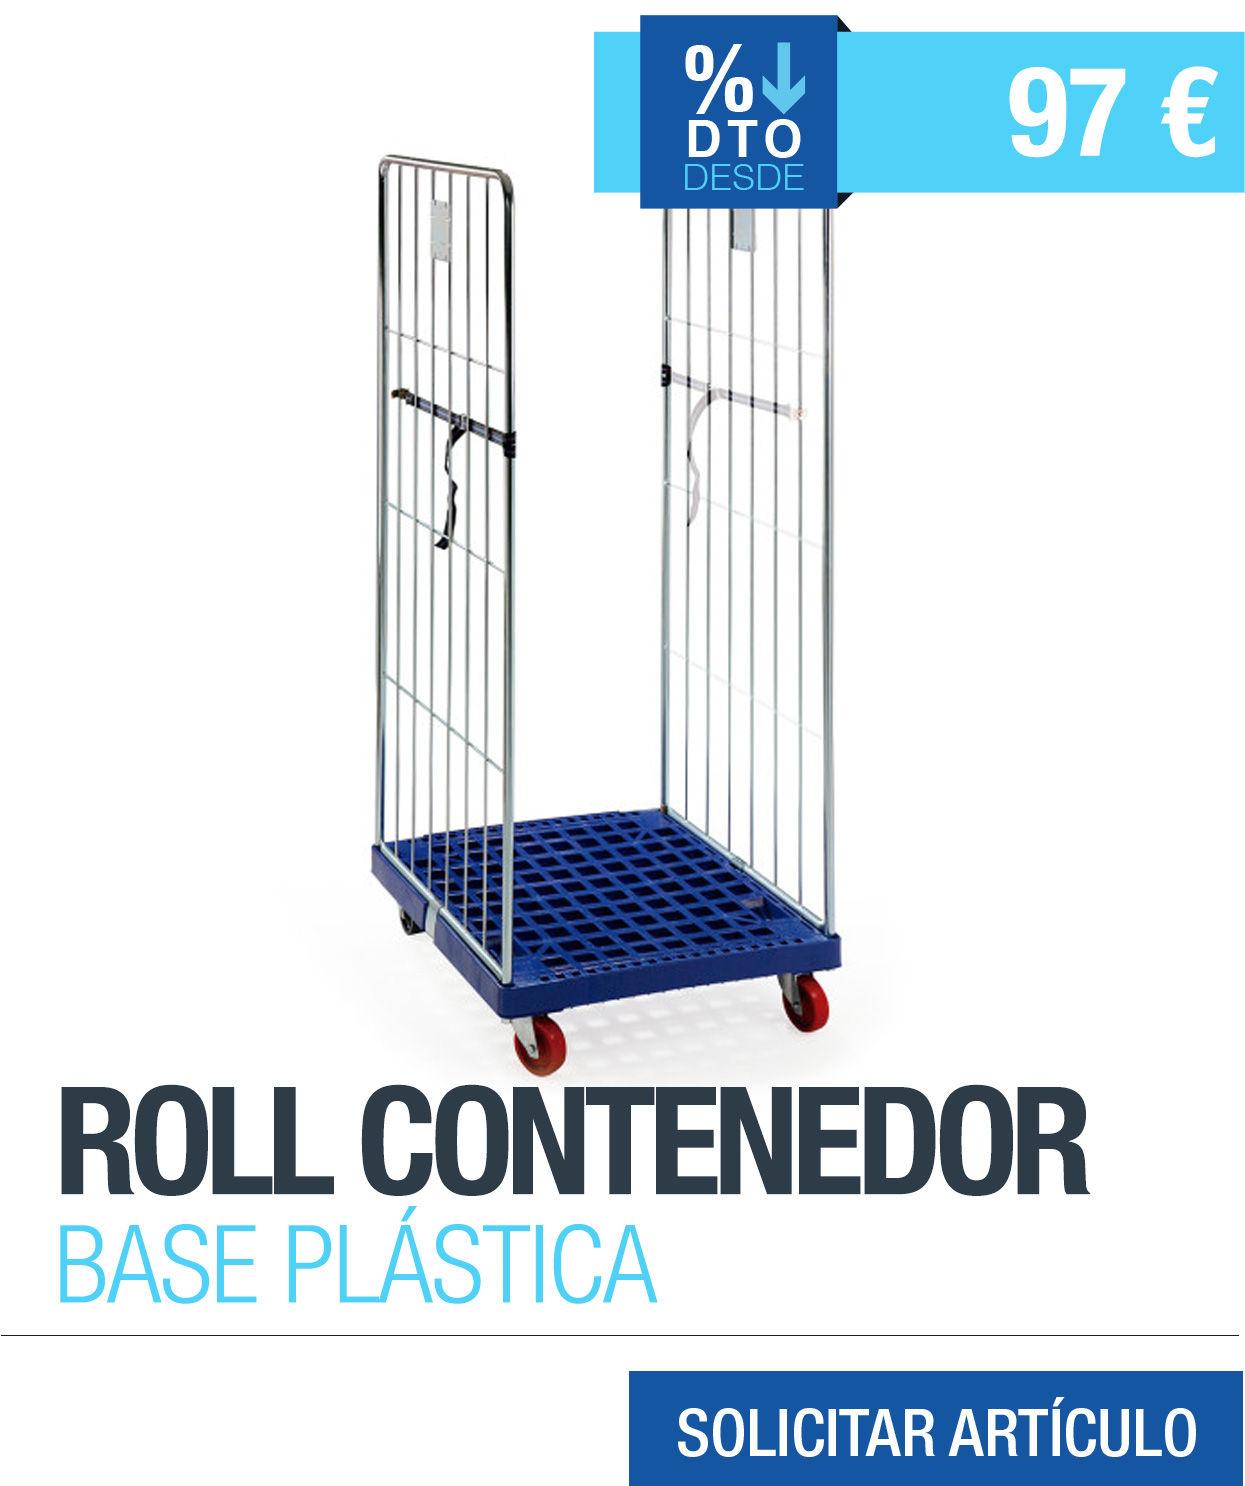 promo-roll-base-plastica